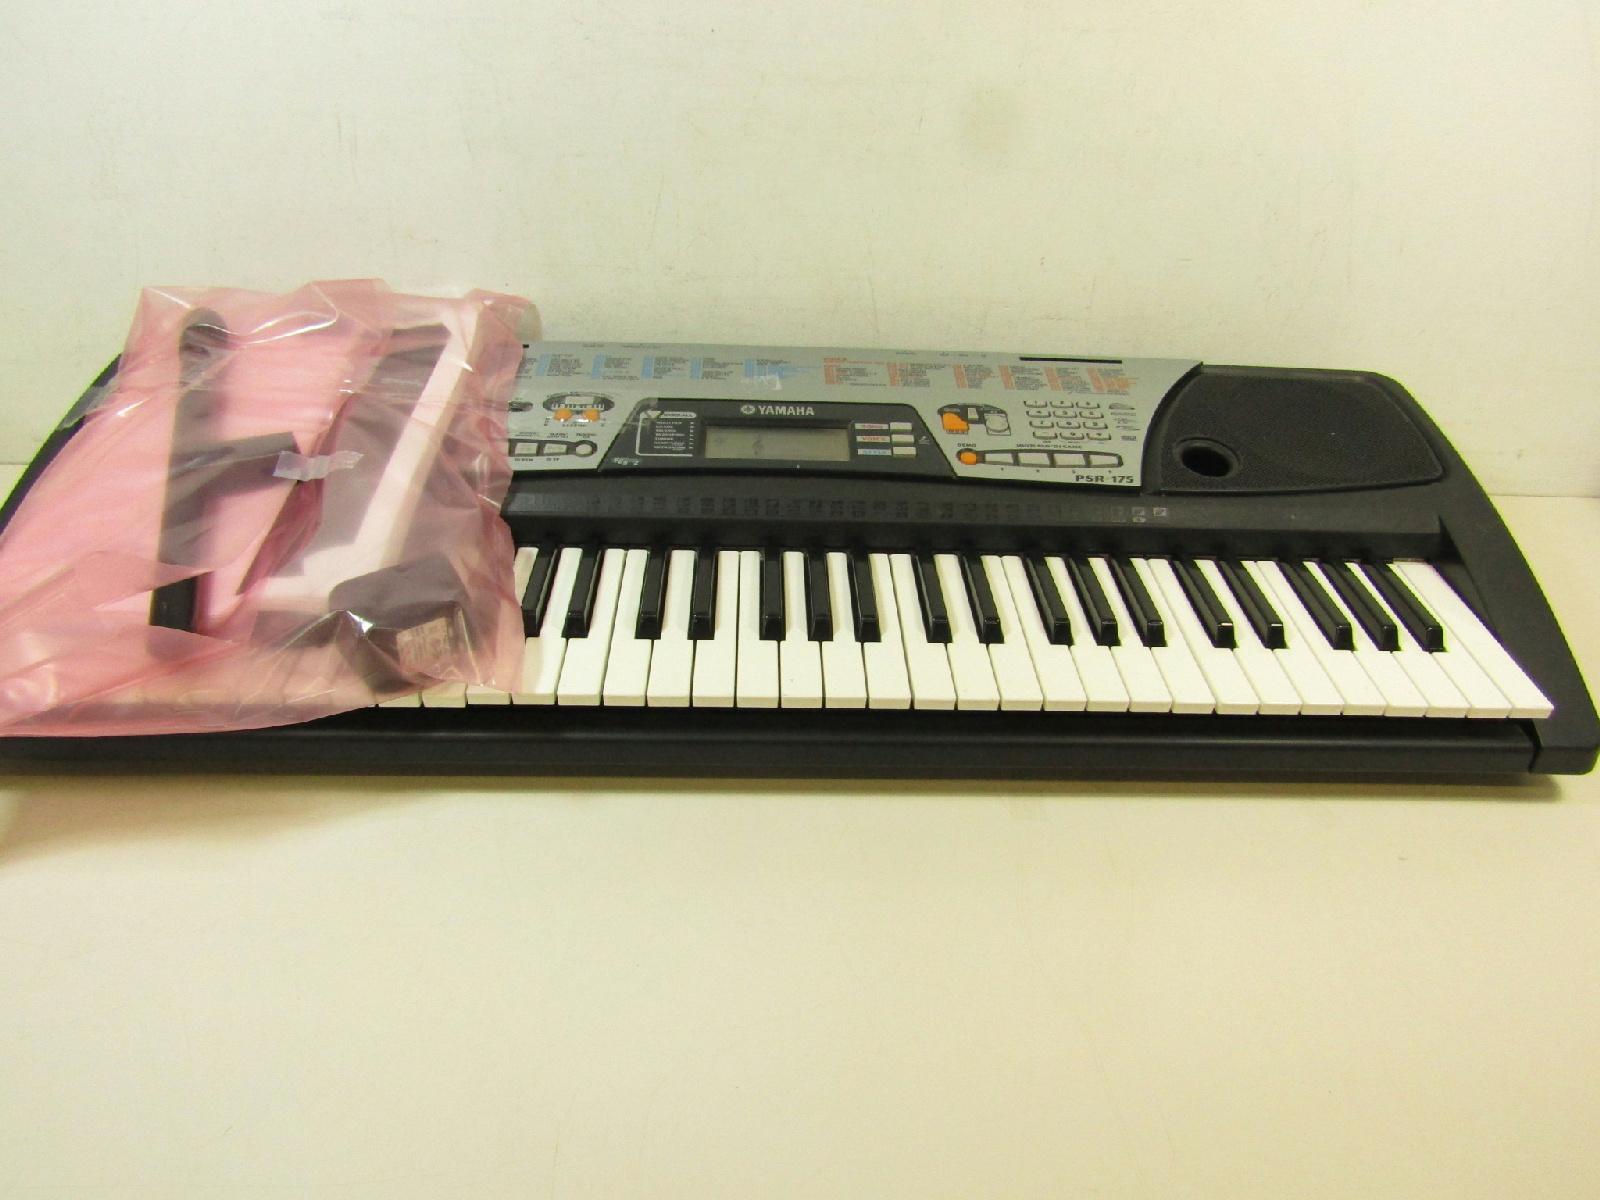 Yamaha model psr175 electric keyboard musical instrument for Yamaha piano keyboard models